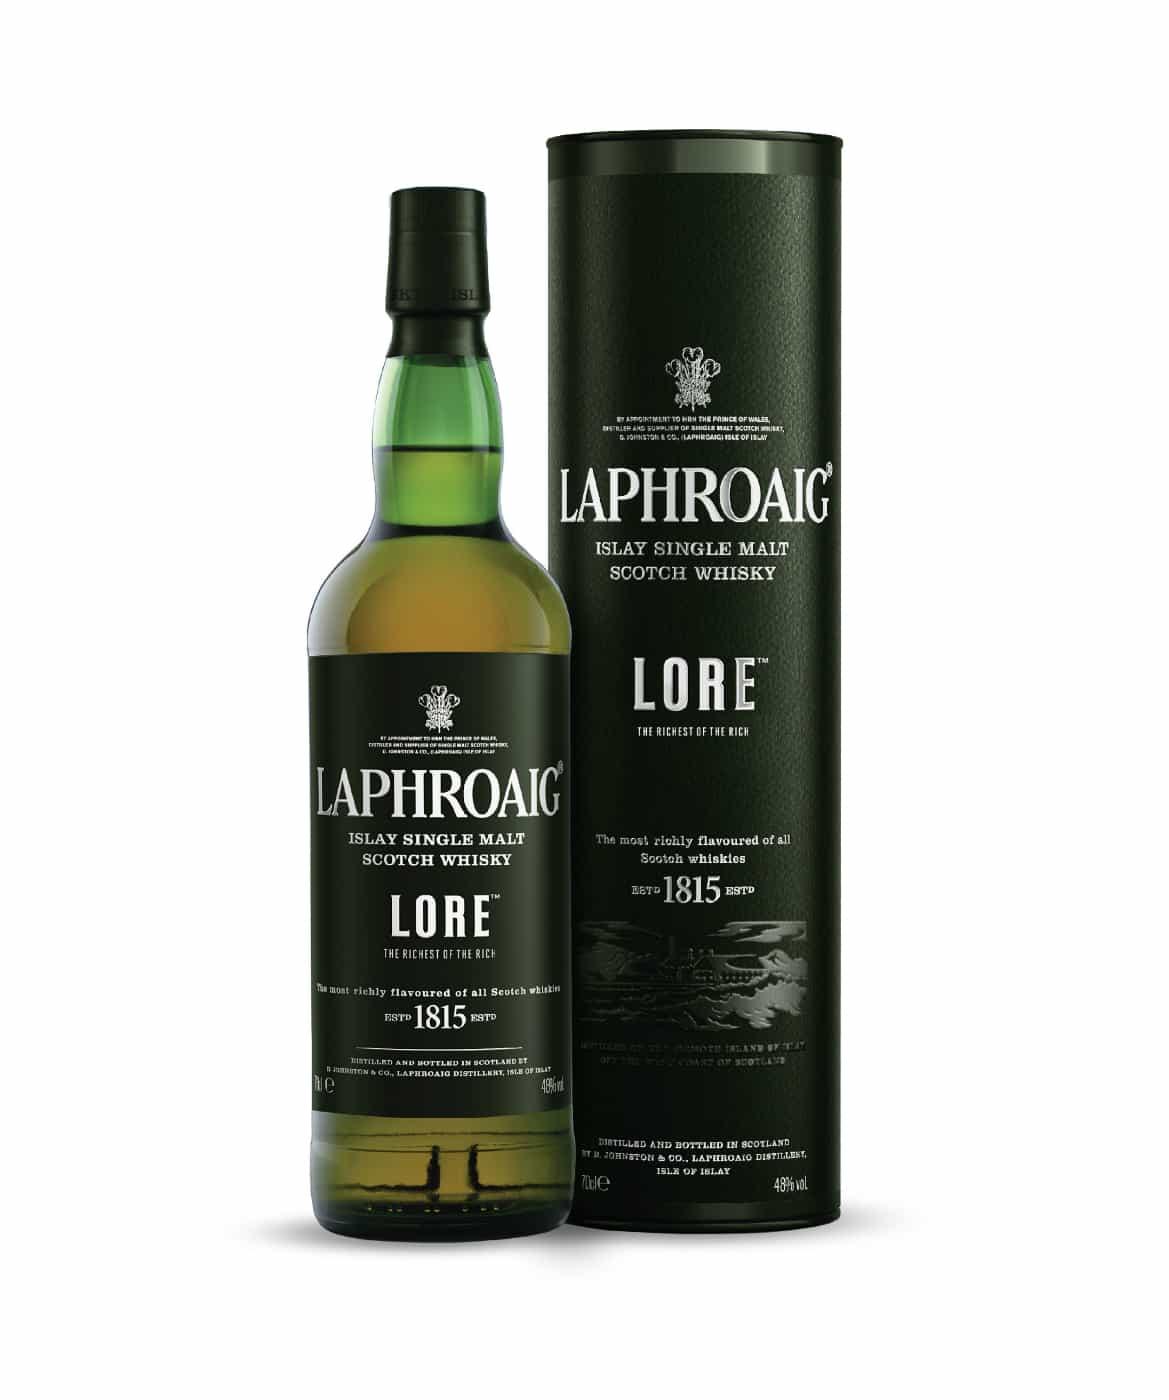 Laphroaig-Lore